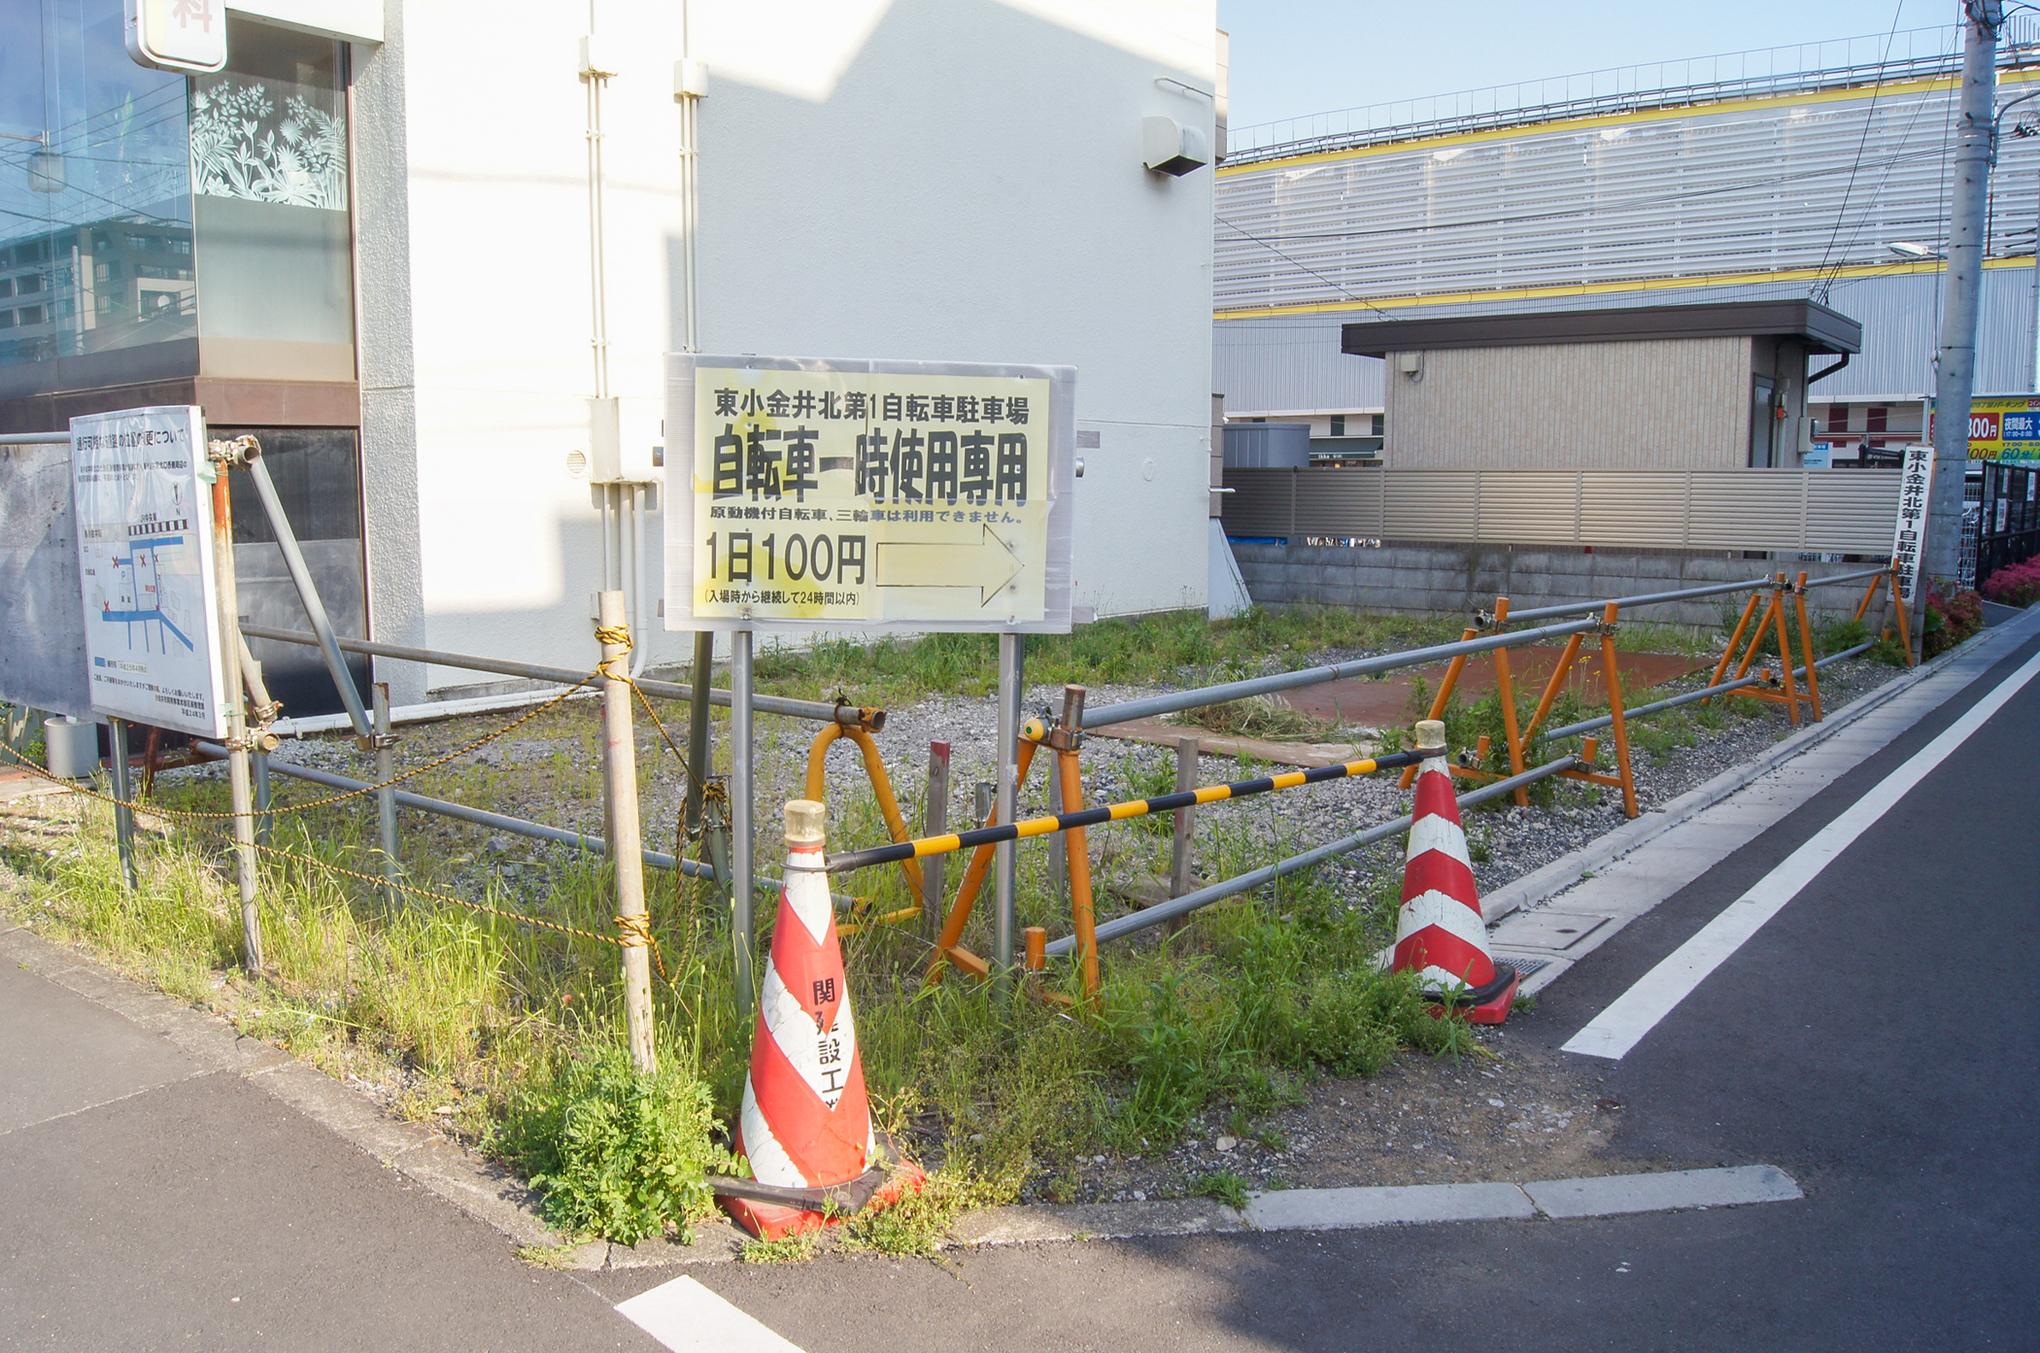 f:id:akichiniiko:20200720183719j:plain